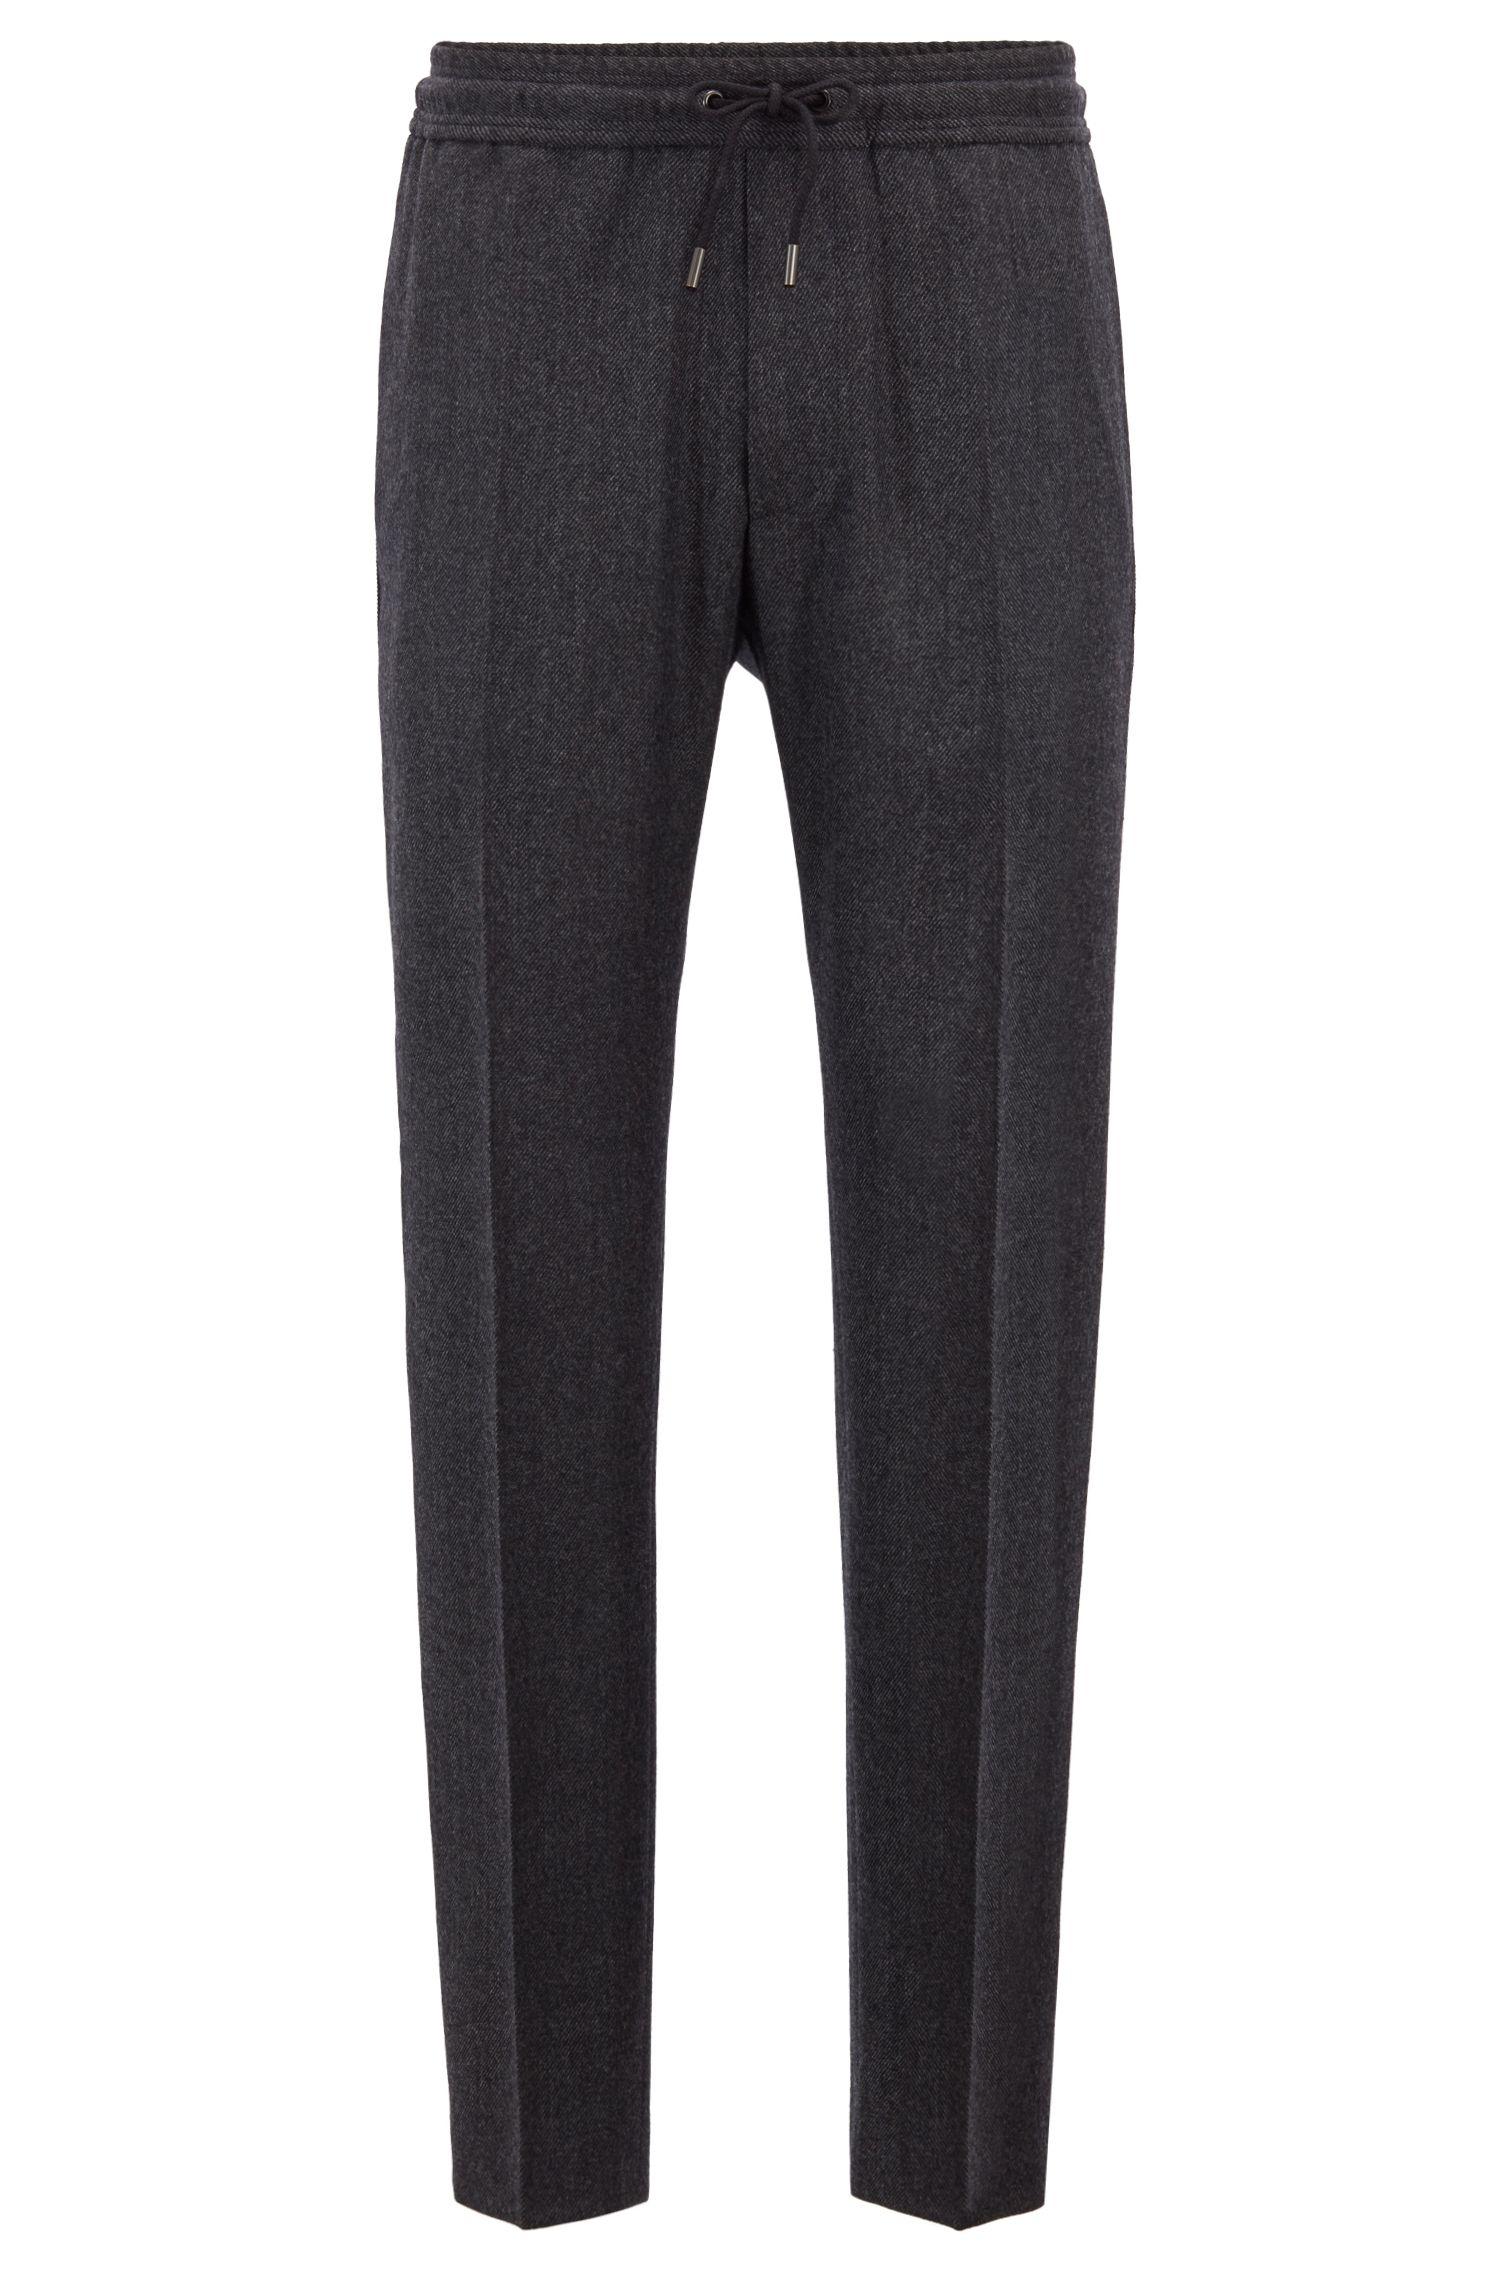 Regular-Fit Hose mit Seitenstreifen und Cropped-Länge aus der Fashion Show Capsule, Grau